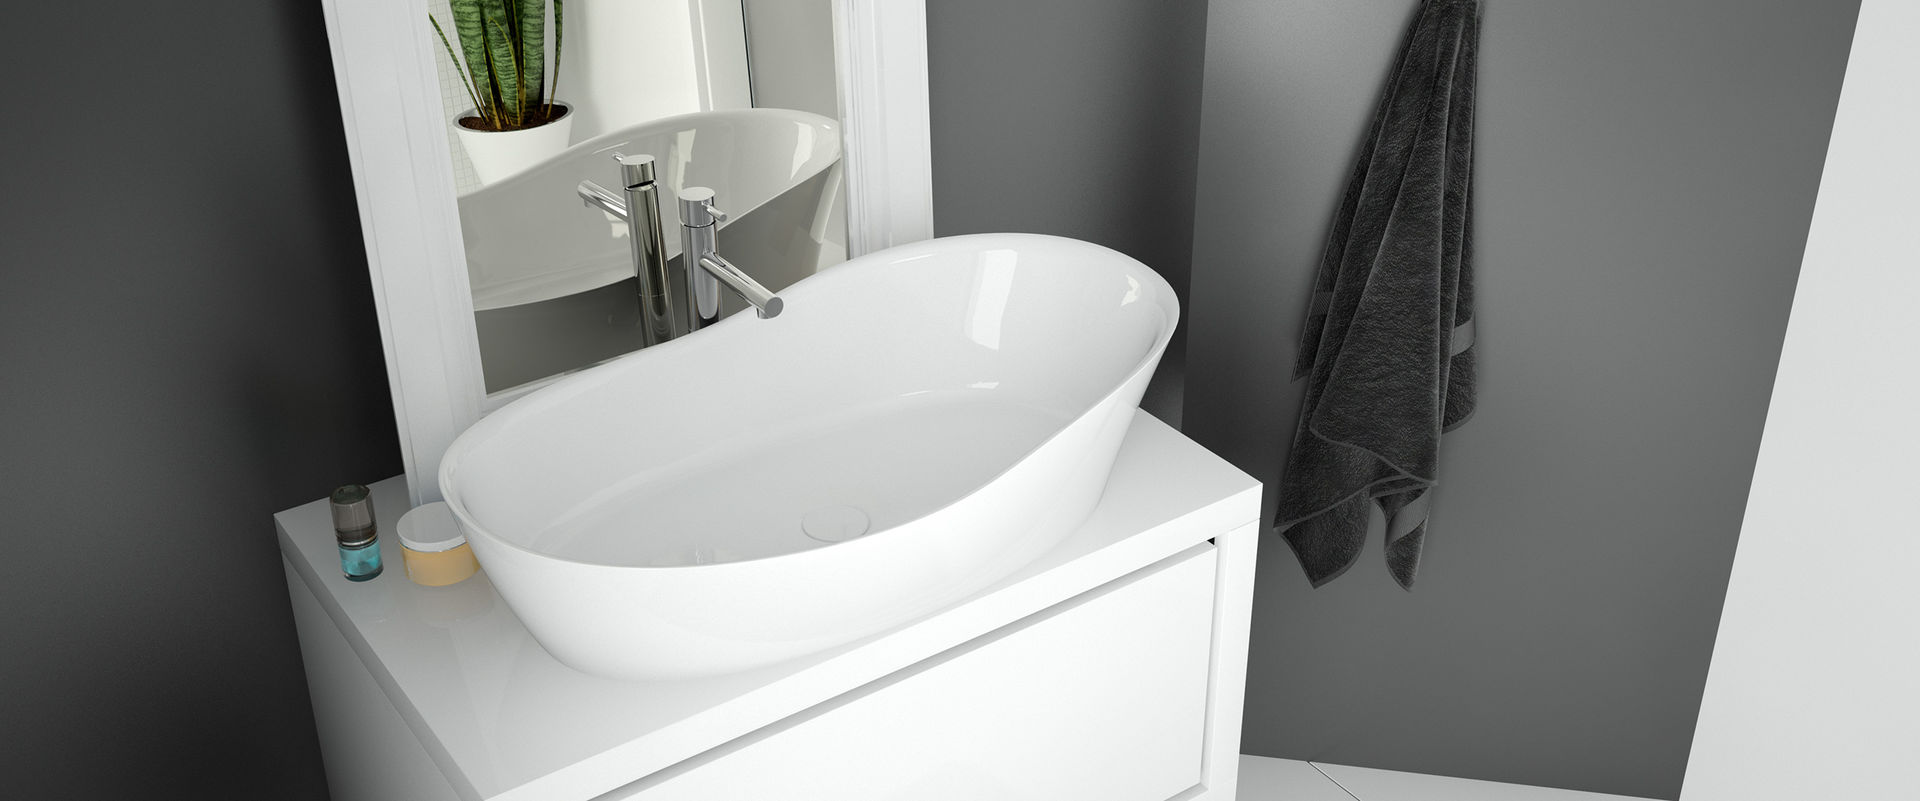 waschbecken splash pr sentiert die trends f r ihren waschplatz. Black Bedroom Furniture Sets. Home Design Ideas